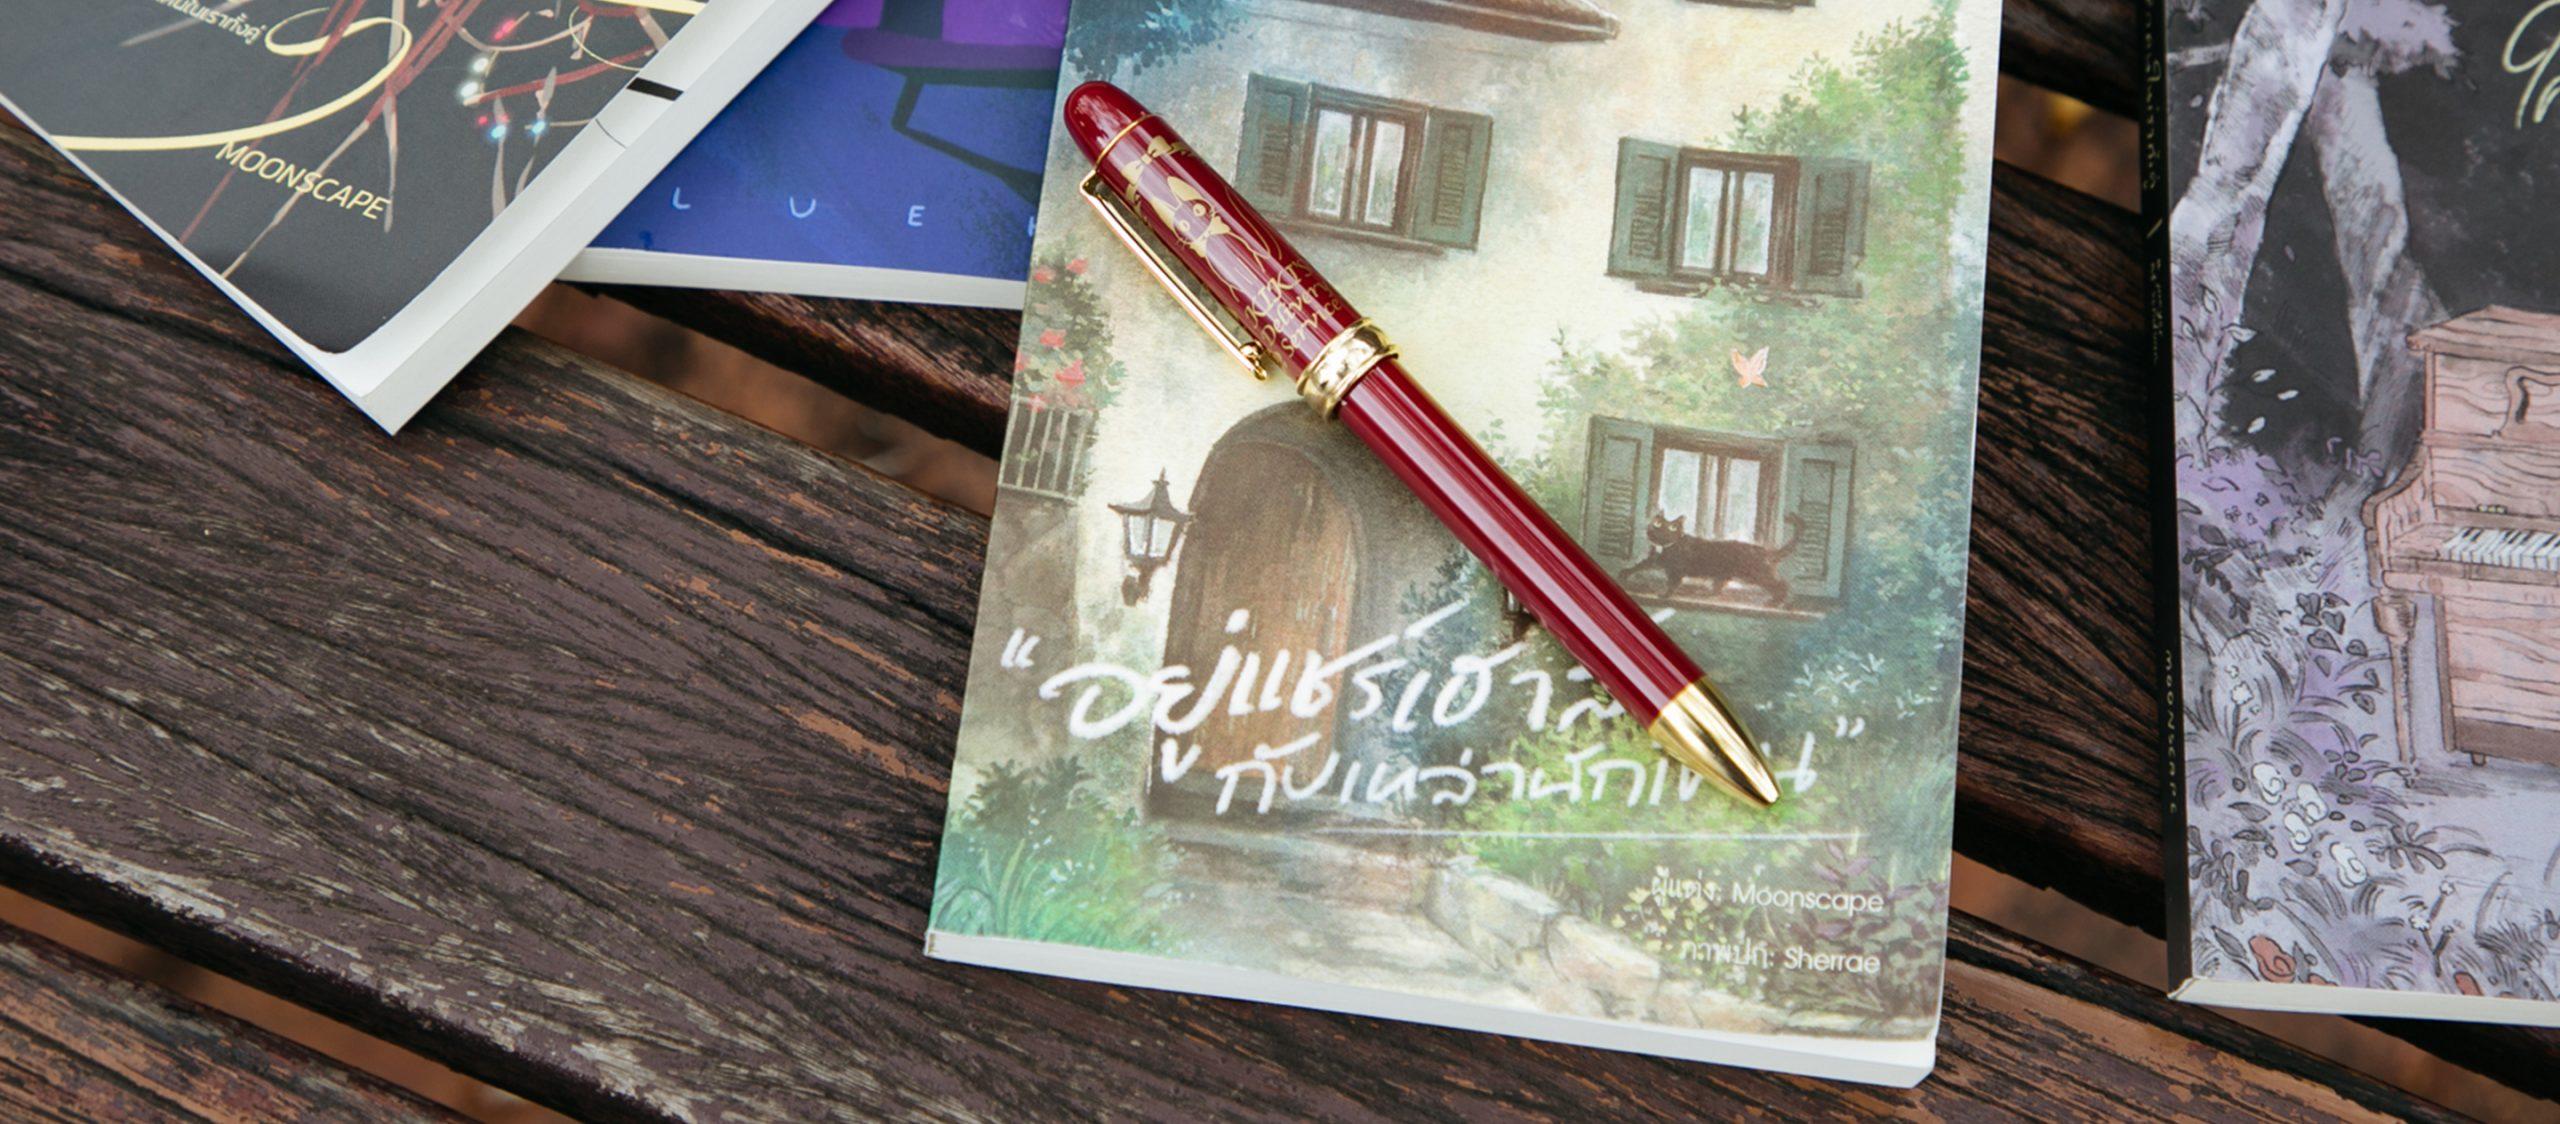 คุยกับปากกาของ Moonscape ผู้เขียนนิยาย slice of life 'อยู่แชร์เฮาส์กับเหล่านักเขียน'